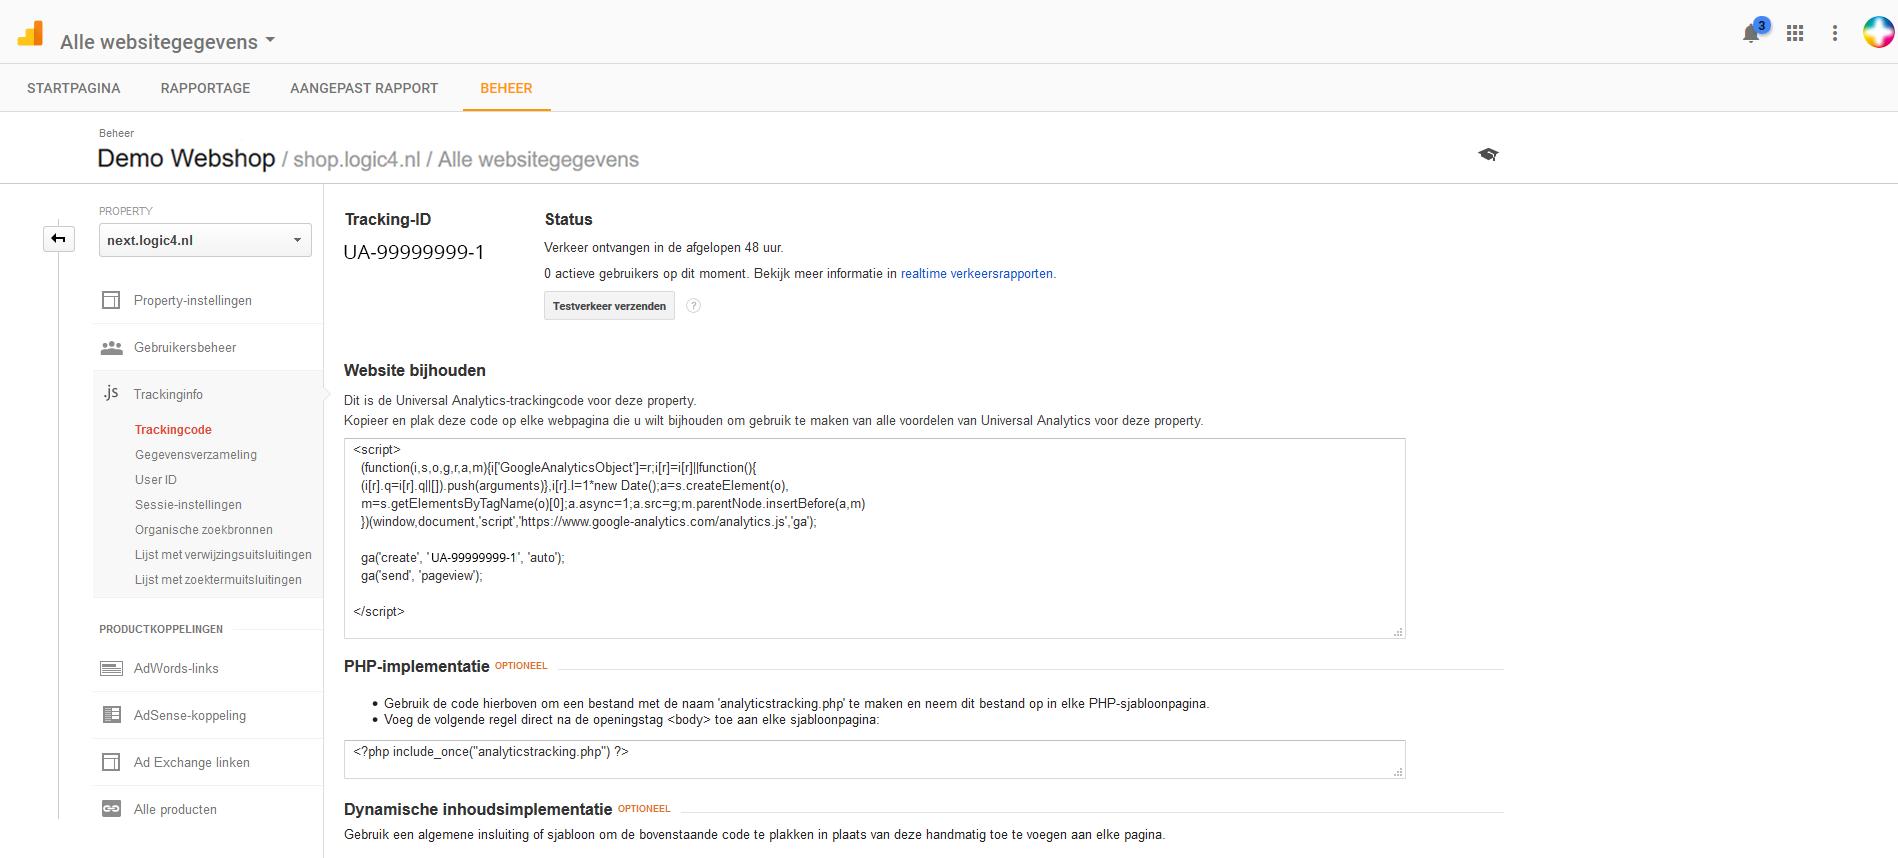 formulieren-meten-in-logic4-webshop-screenshot-01